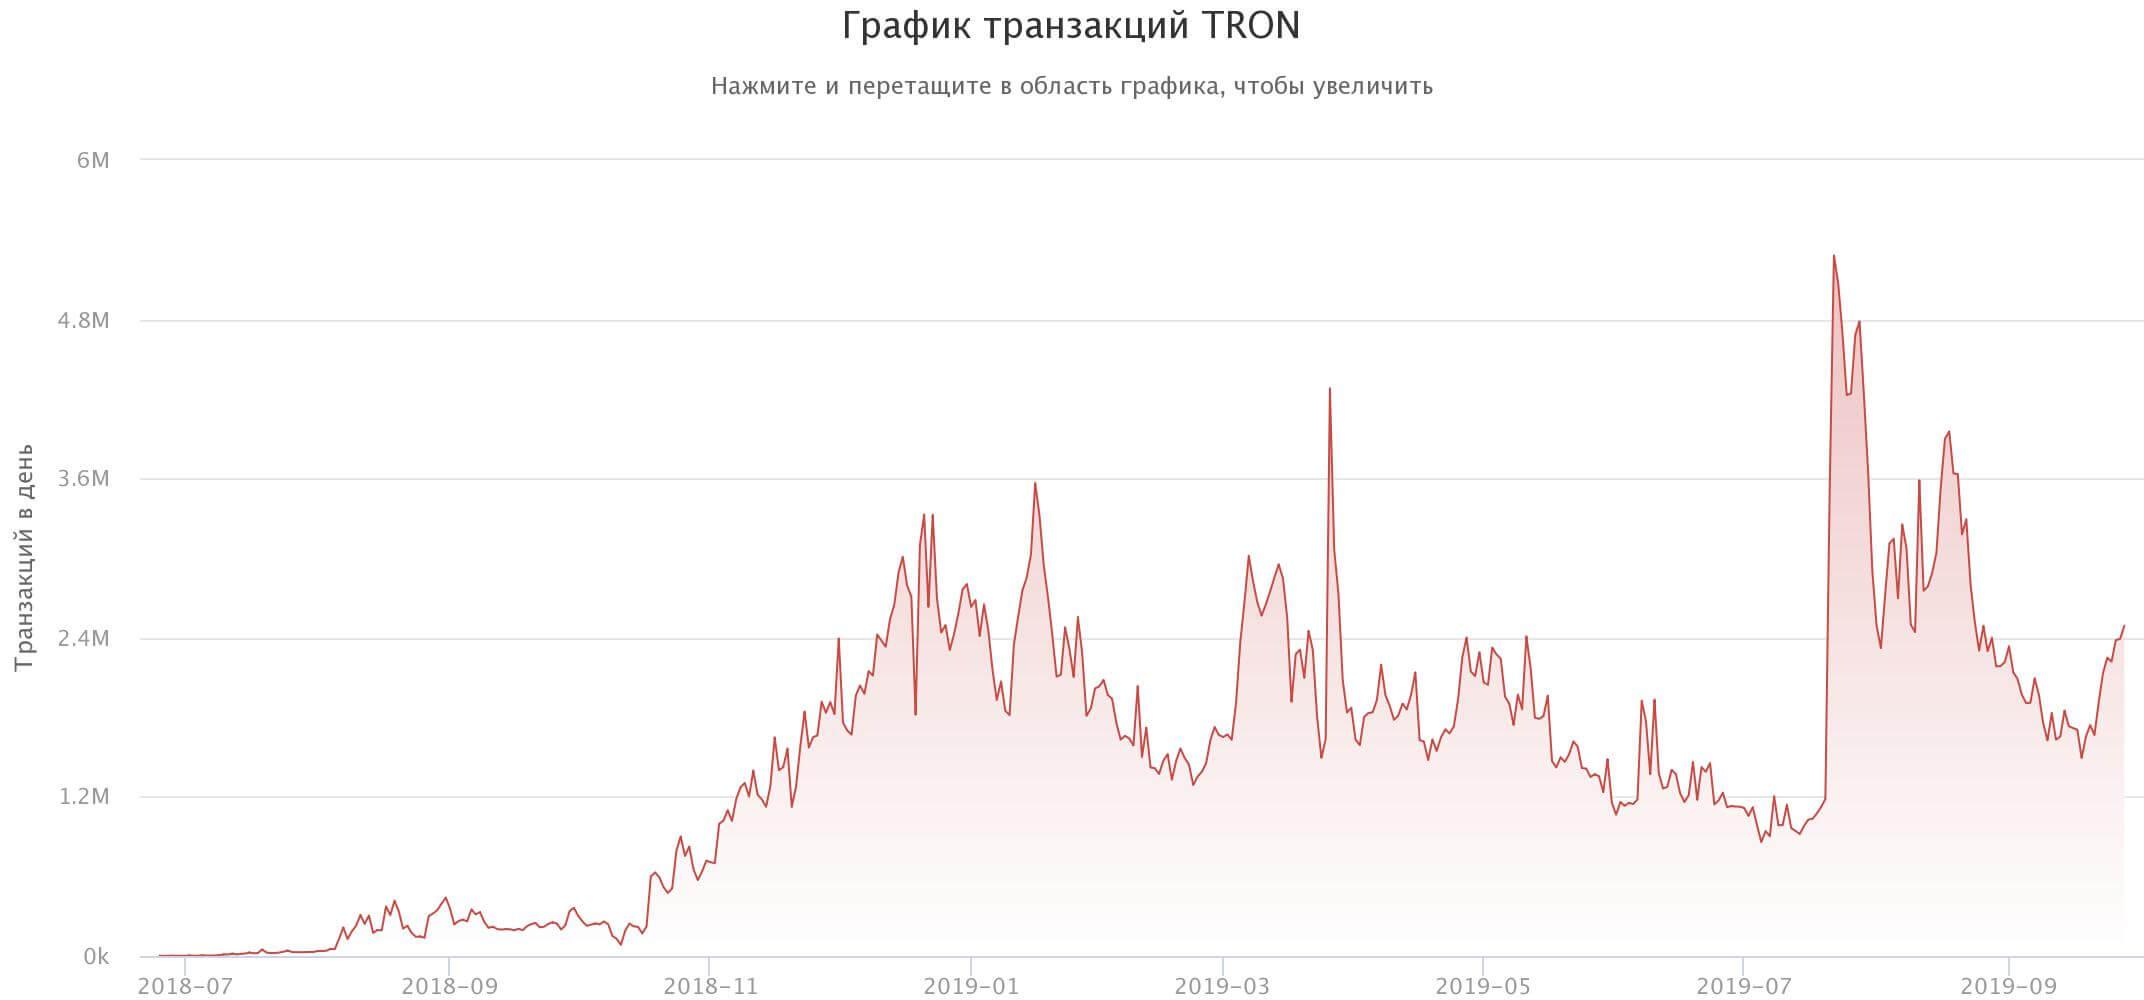 График транзакций TRON